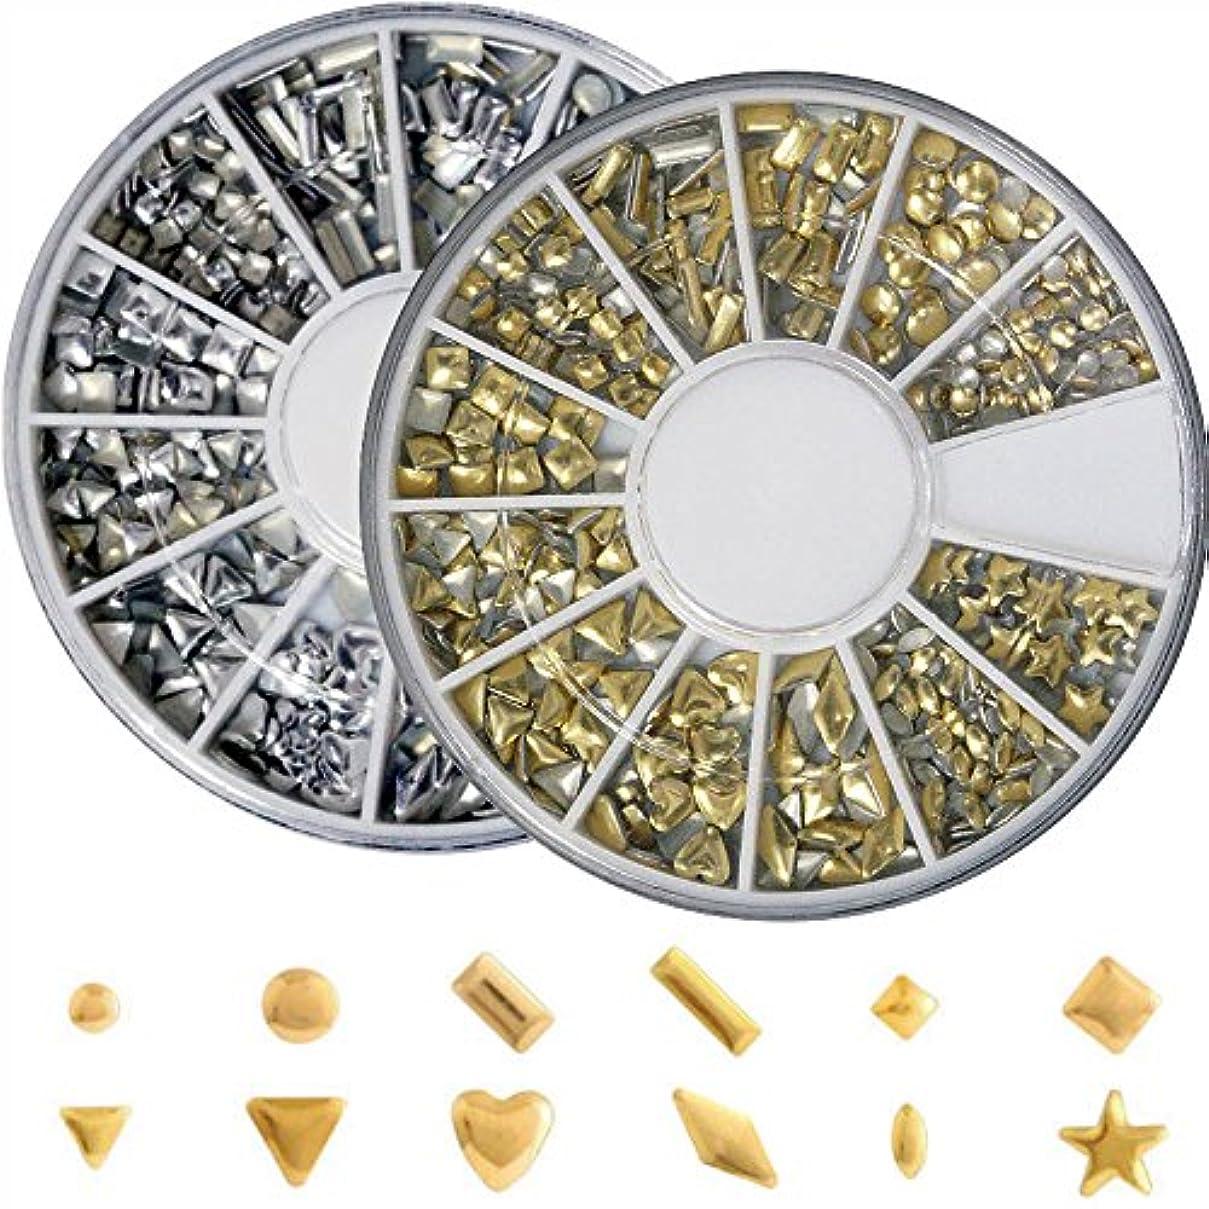 別の住人志すメタルスタッズ12種類 ネイル用 ゴールド&シルバー ラウンドケース入2個/セット